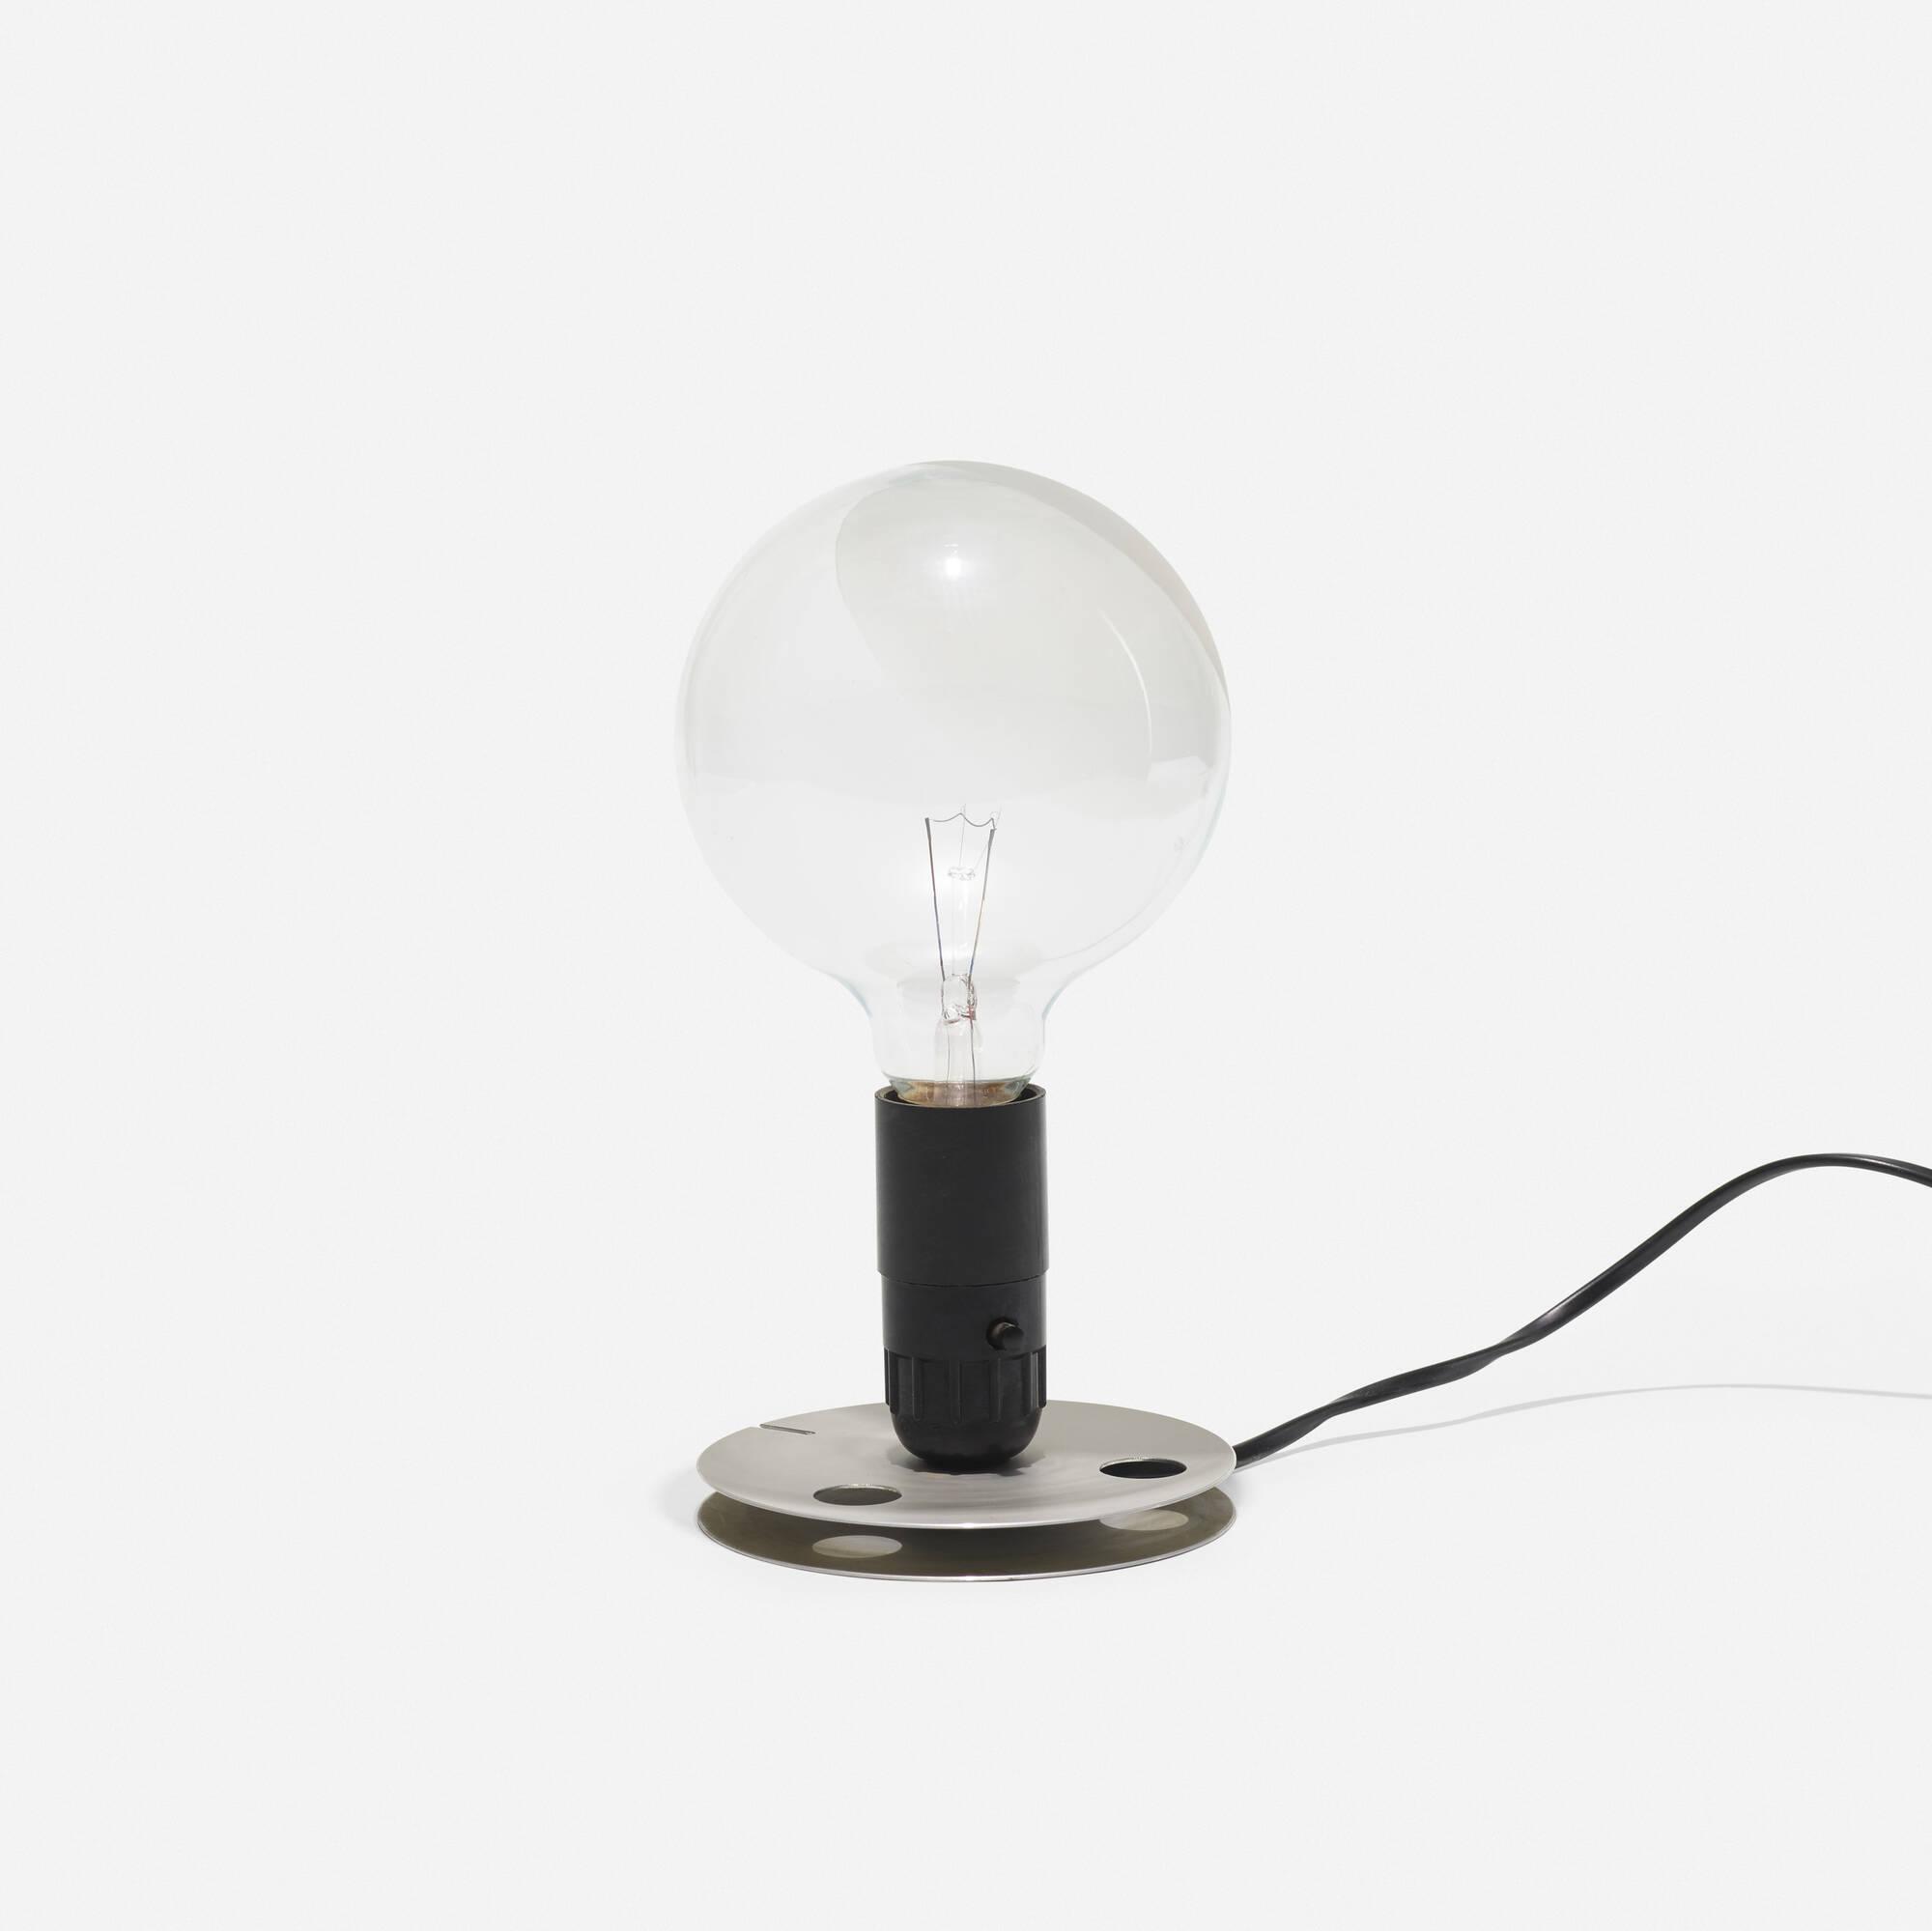 238: ACHILLE CASTIGLIONI, Lampadina table lamp < Taxonomy of Design ...